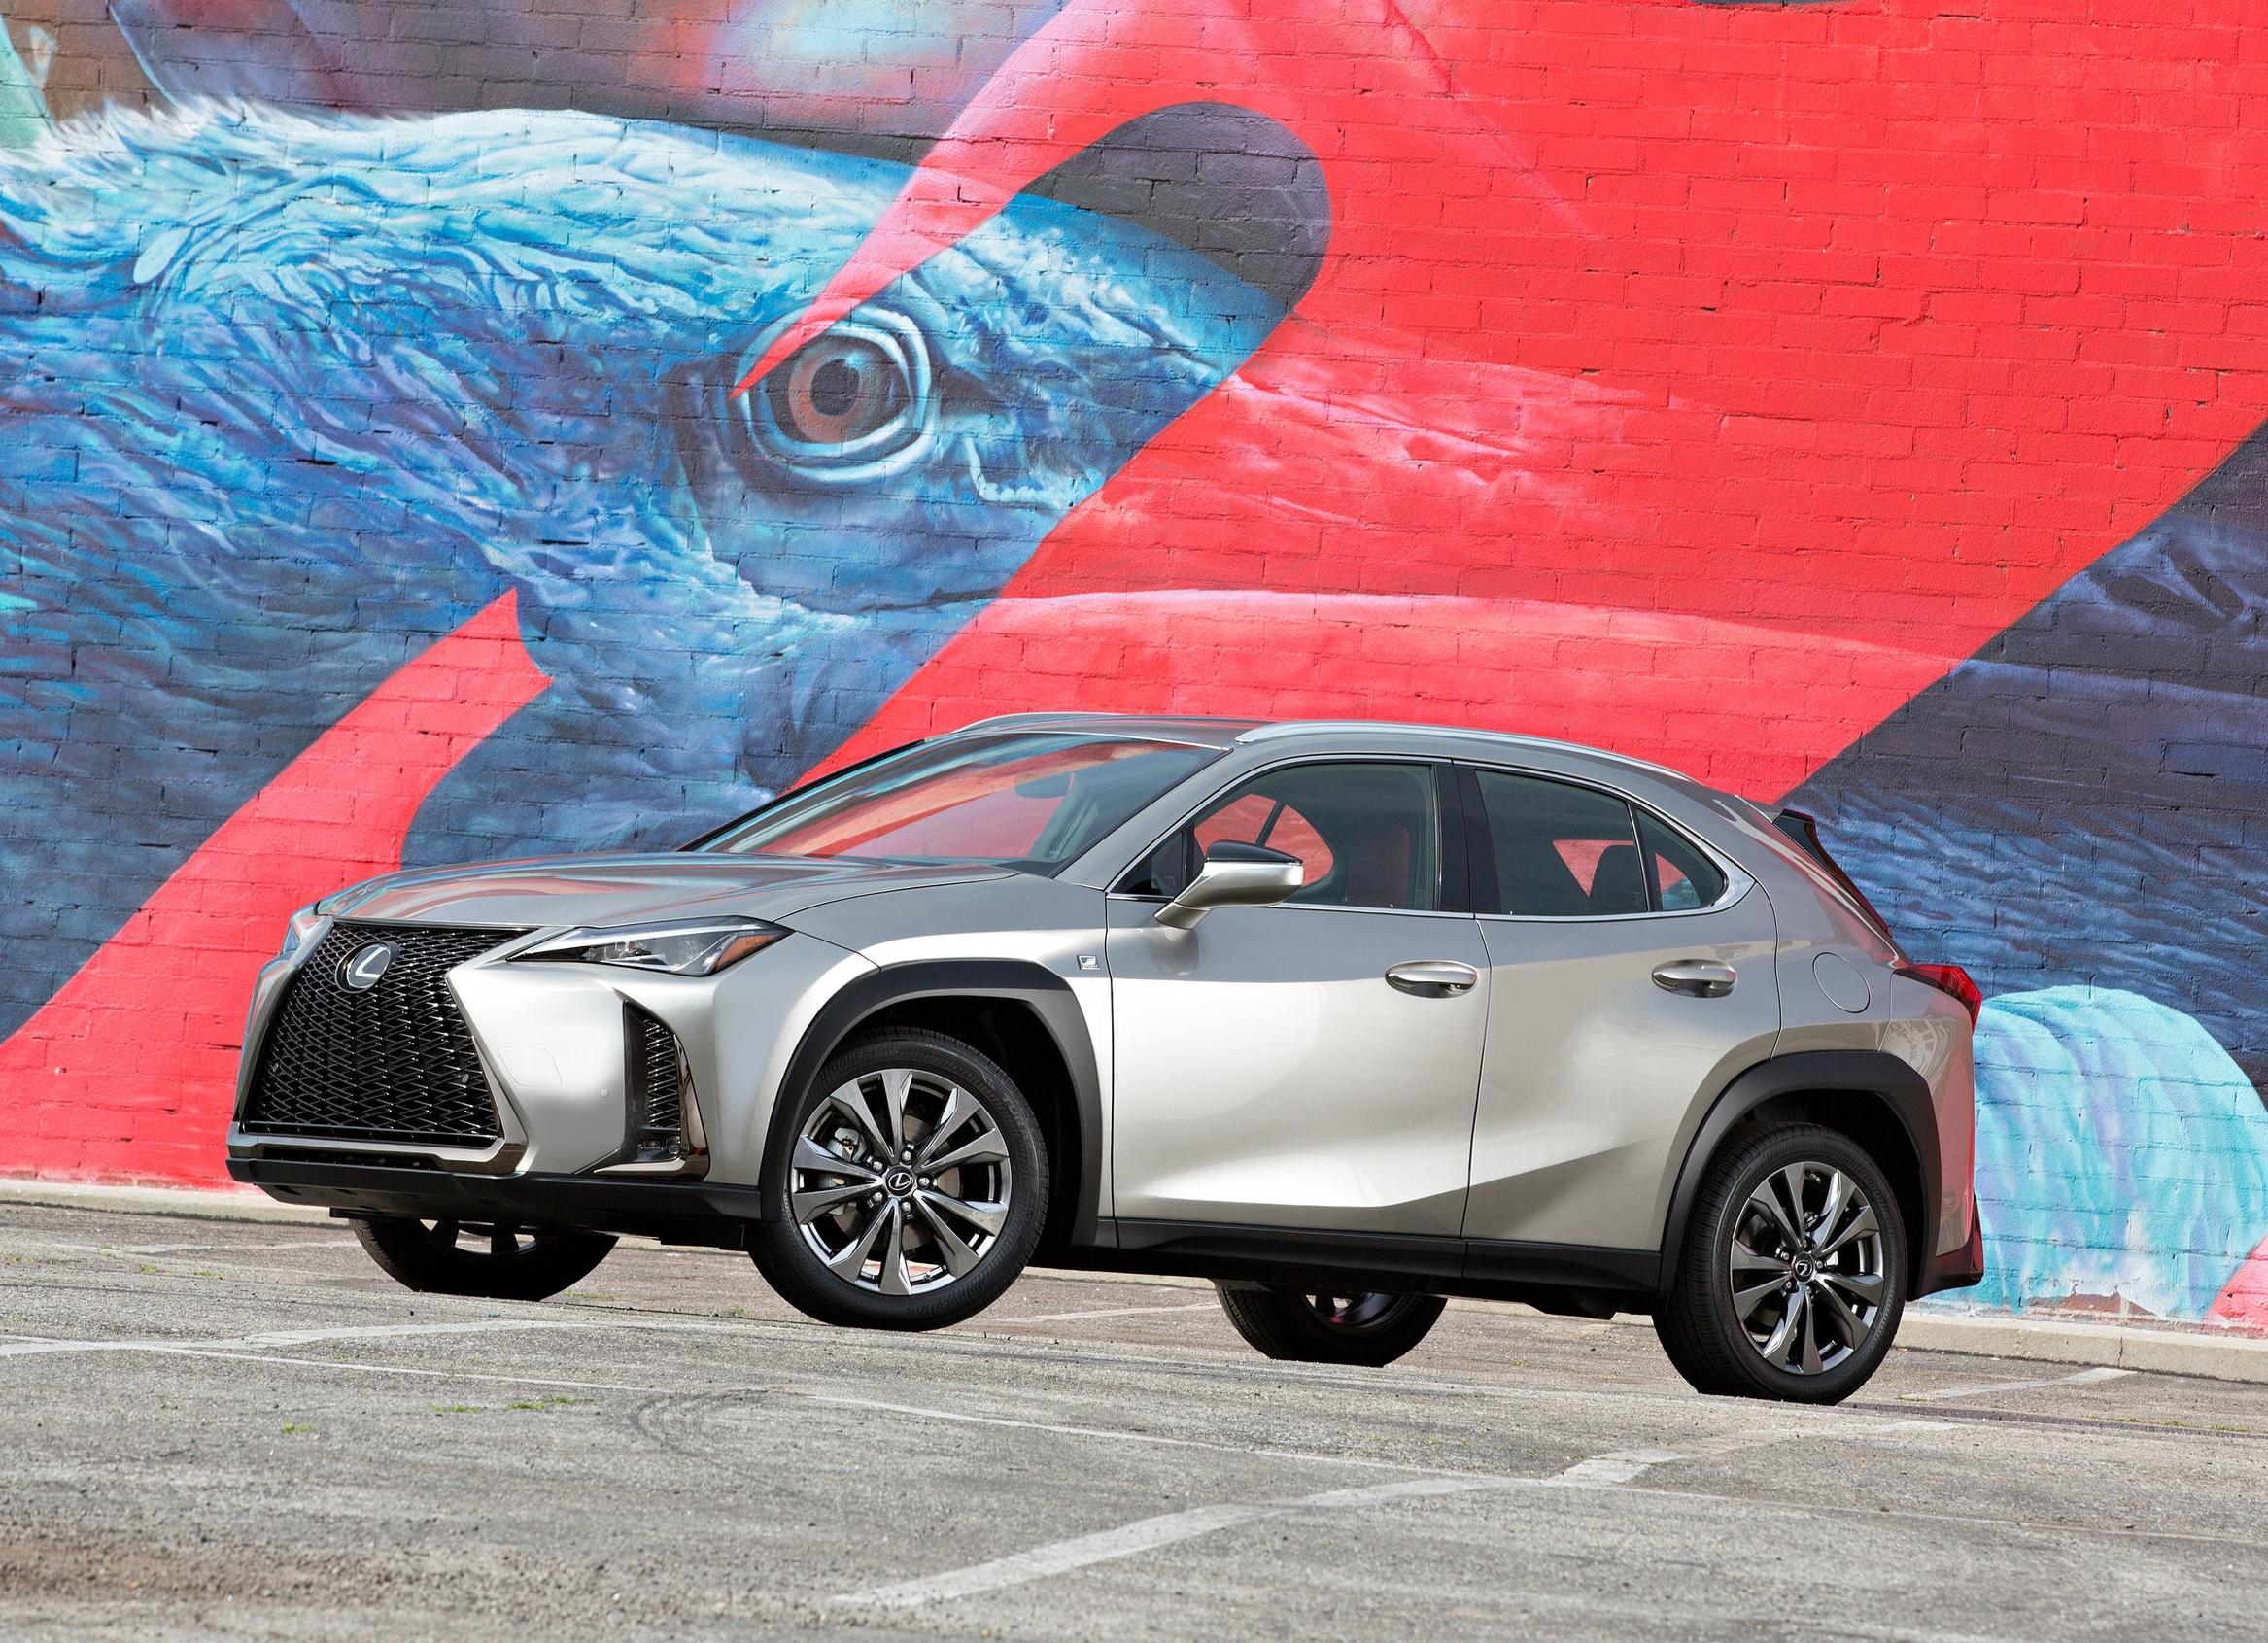 Lexus_UX200_009_CC45C65070A269EFE73580FF962CED101770EC49.jpg